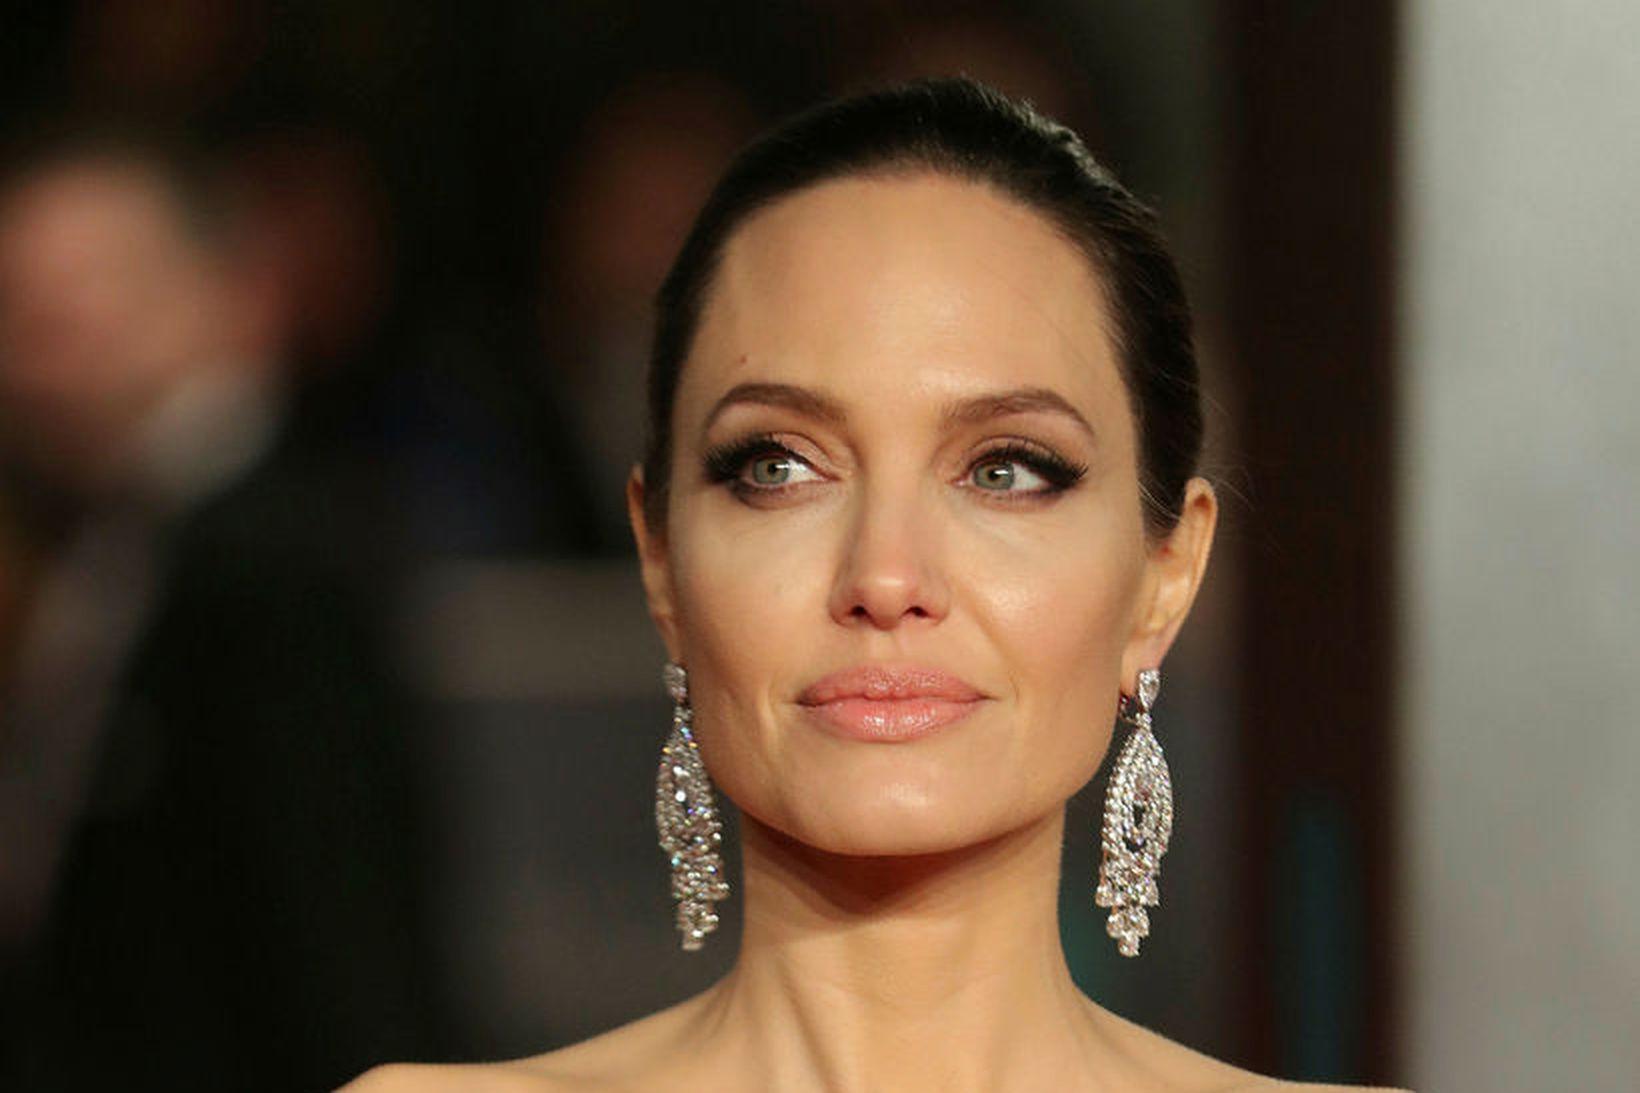 Angelina Jolie elskar að leikstýra en vegna skilnaðar hennar við …